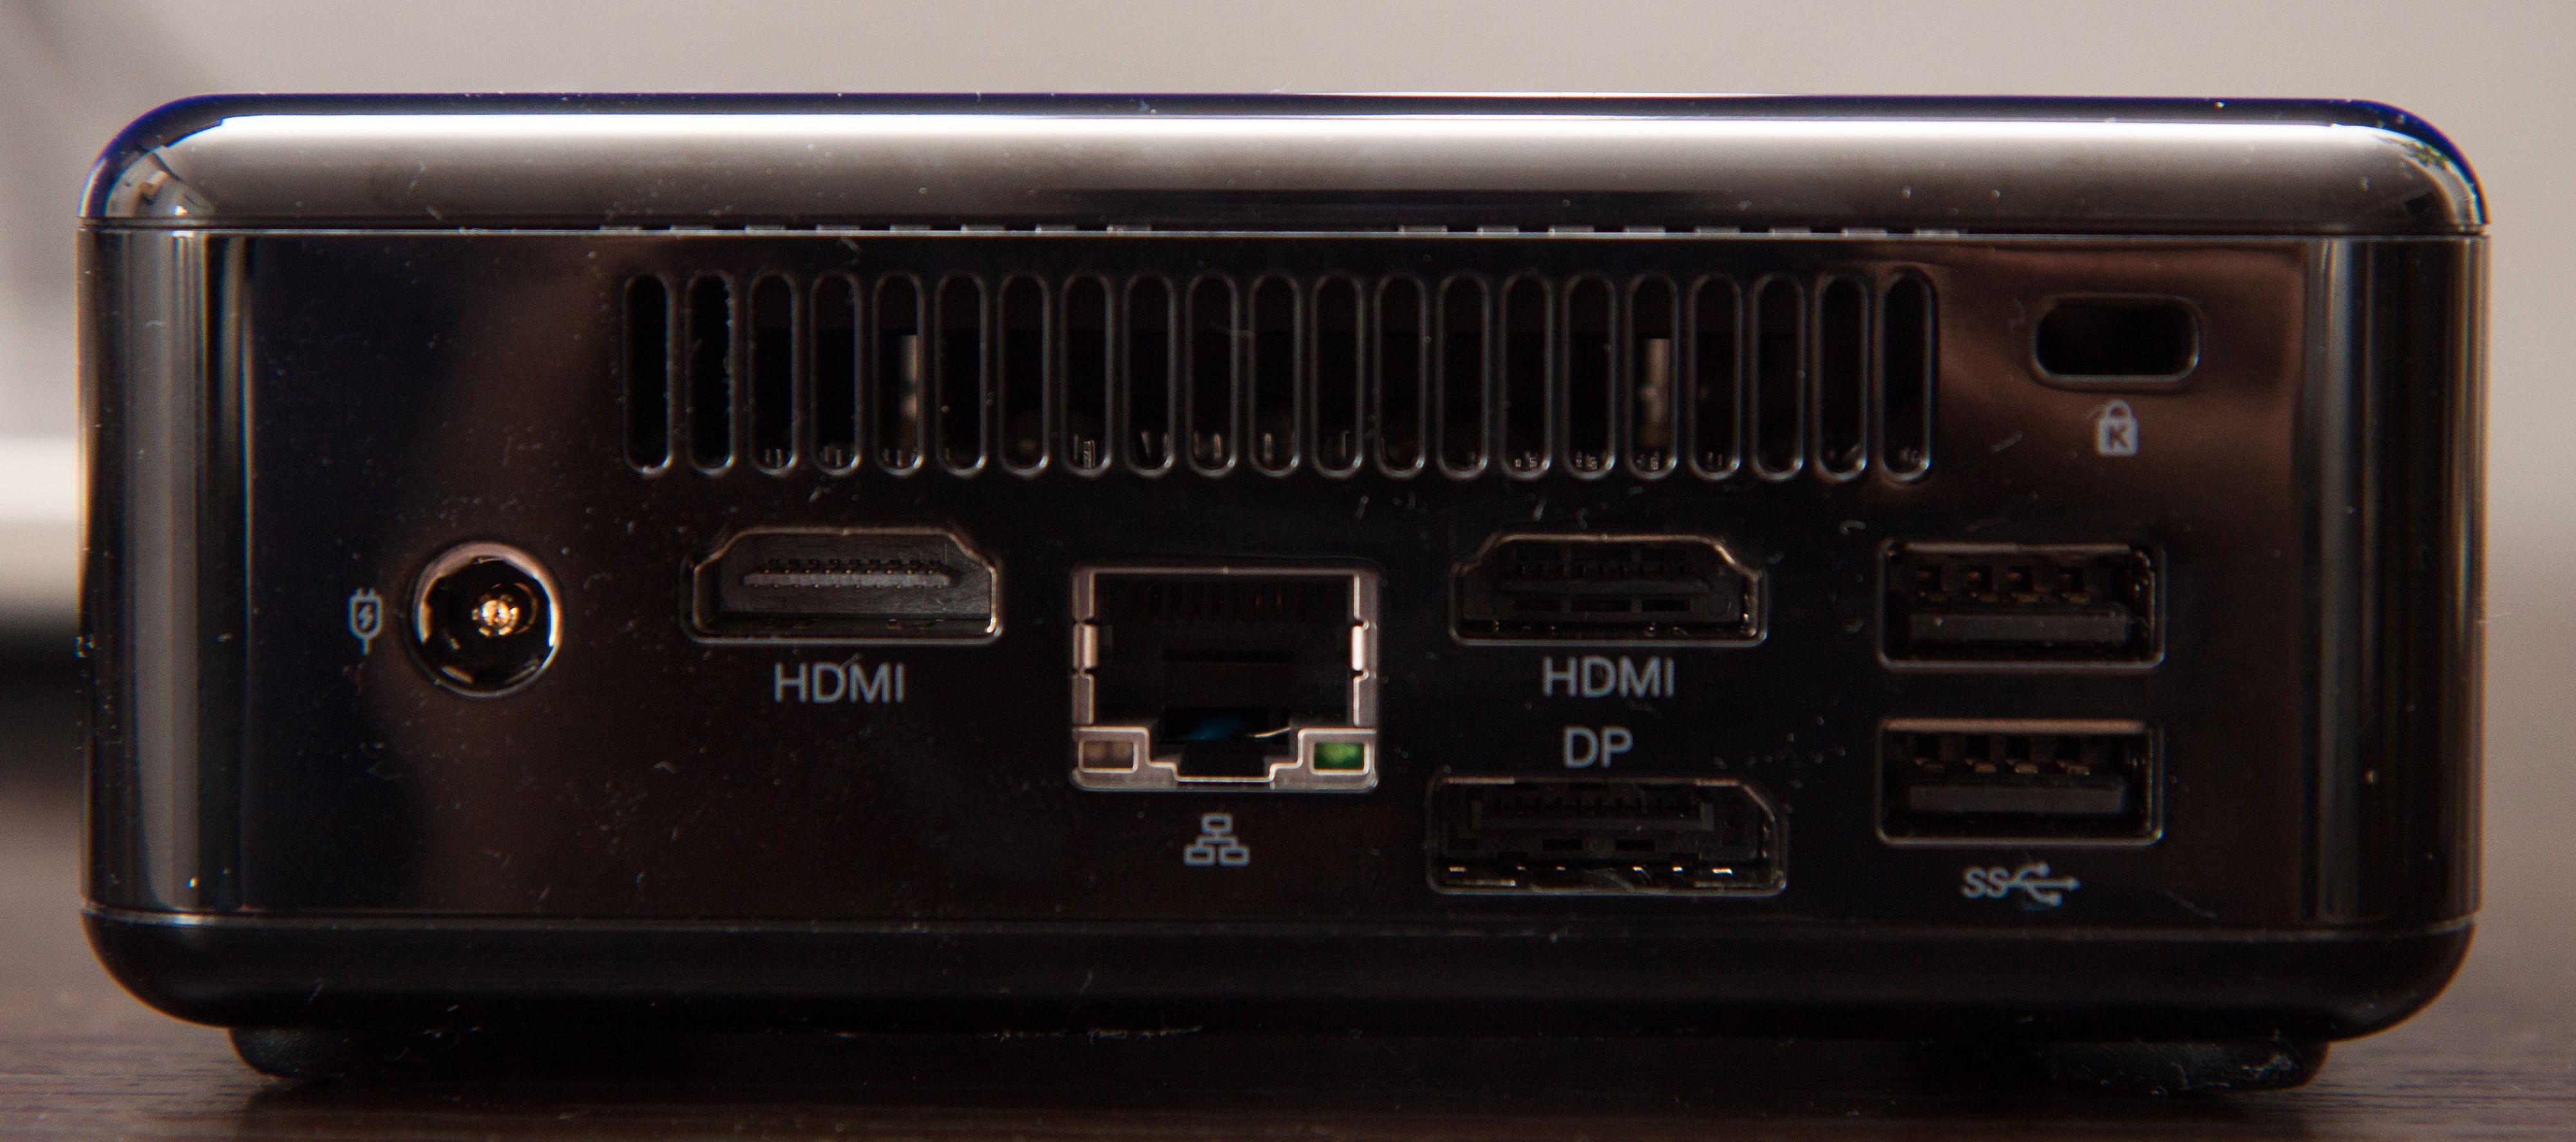 Det er hele tre skjermutganger på baksiden; to HDMI og én DisplayPort. Foto: Kurt Lekanger, Tek.no